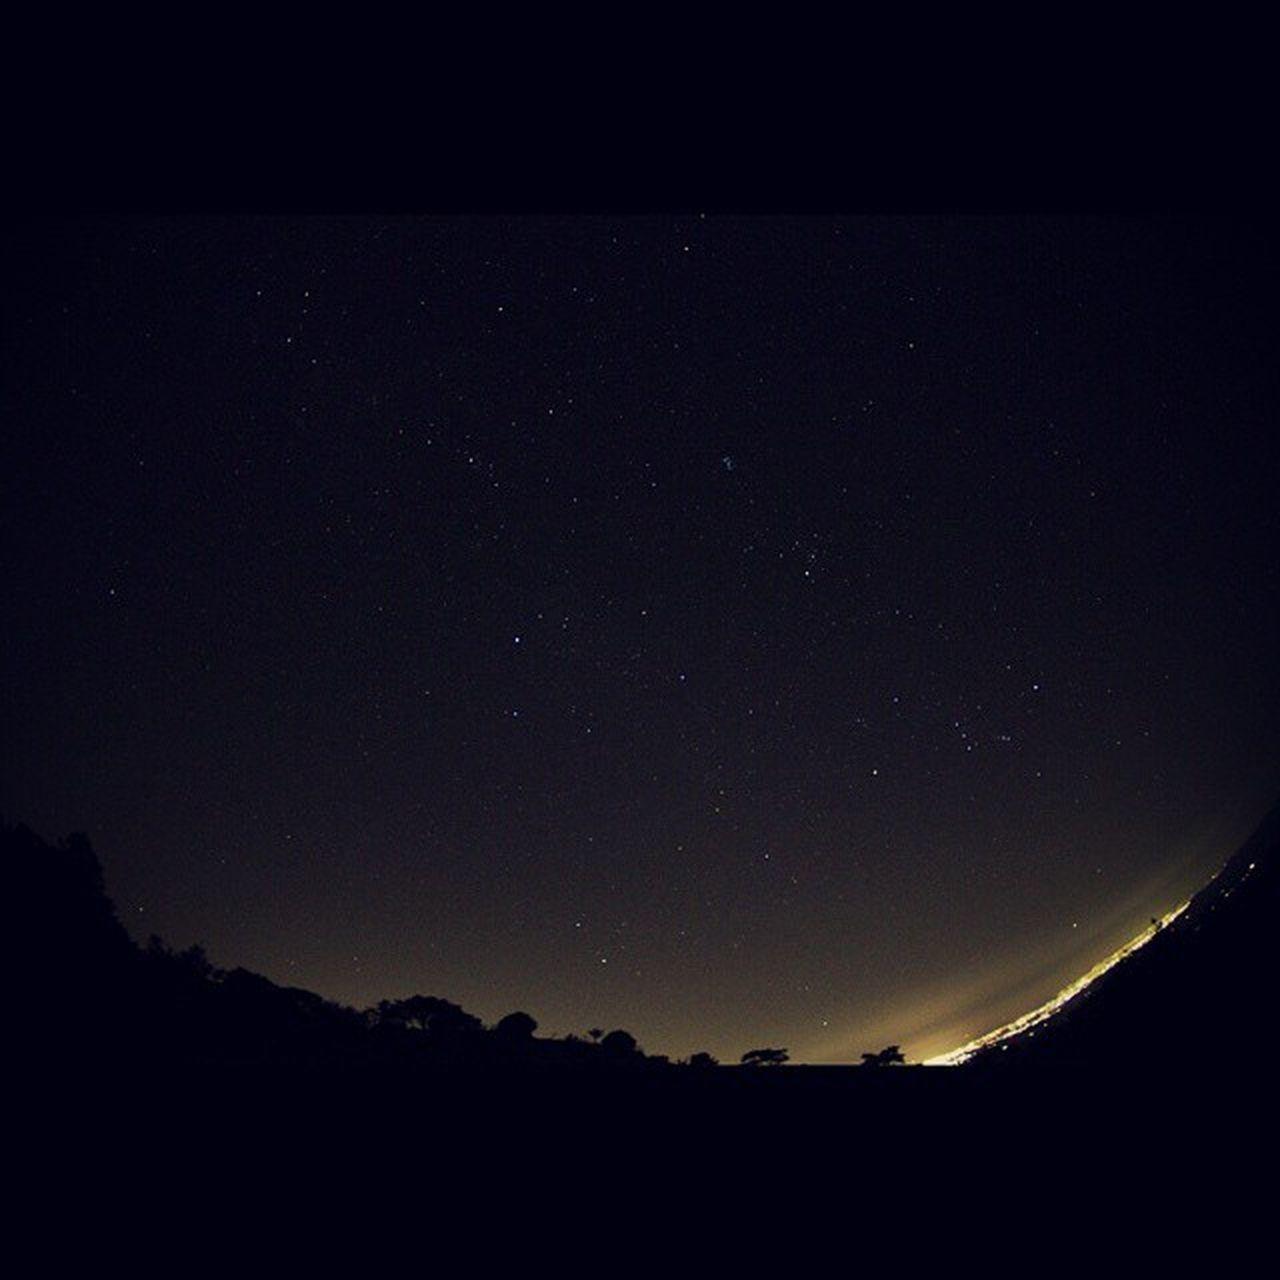 やっと月の無い、雲もない夜が来た 青山高原 夜空 星空 Star nightview